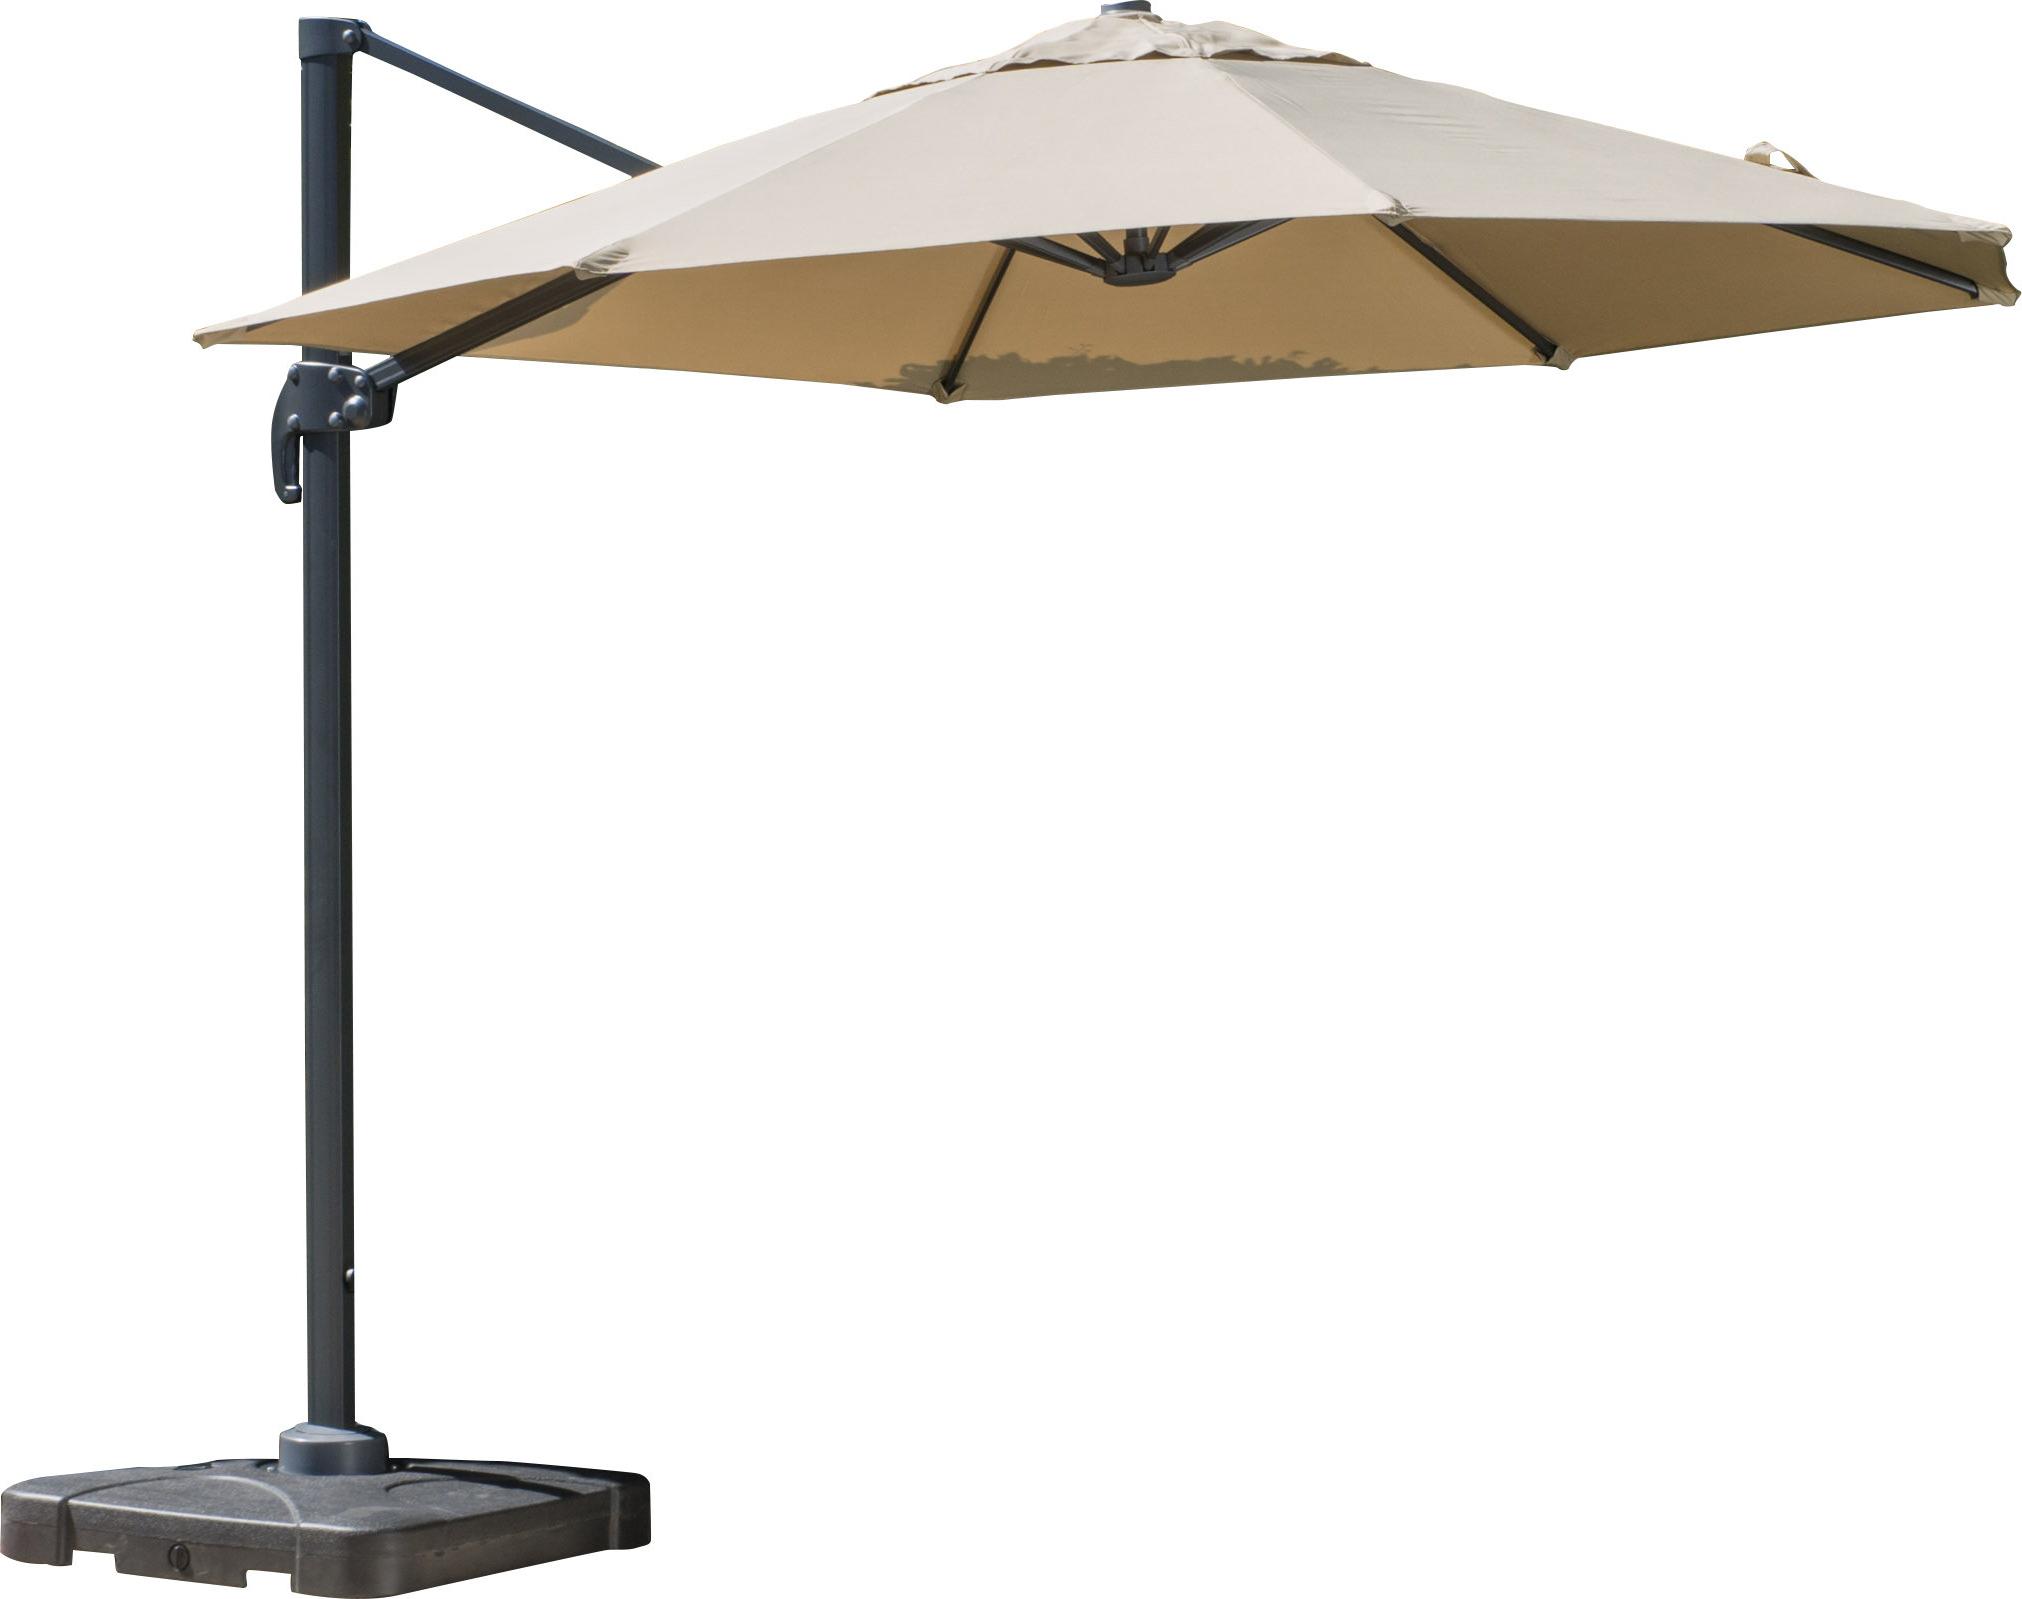 Latest Bormann Cantilever Umbrellas Regarding Bellana Cantilever Umbrella (View 5 of 20)